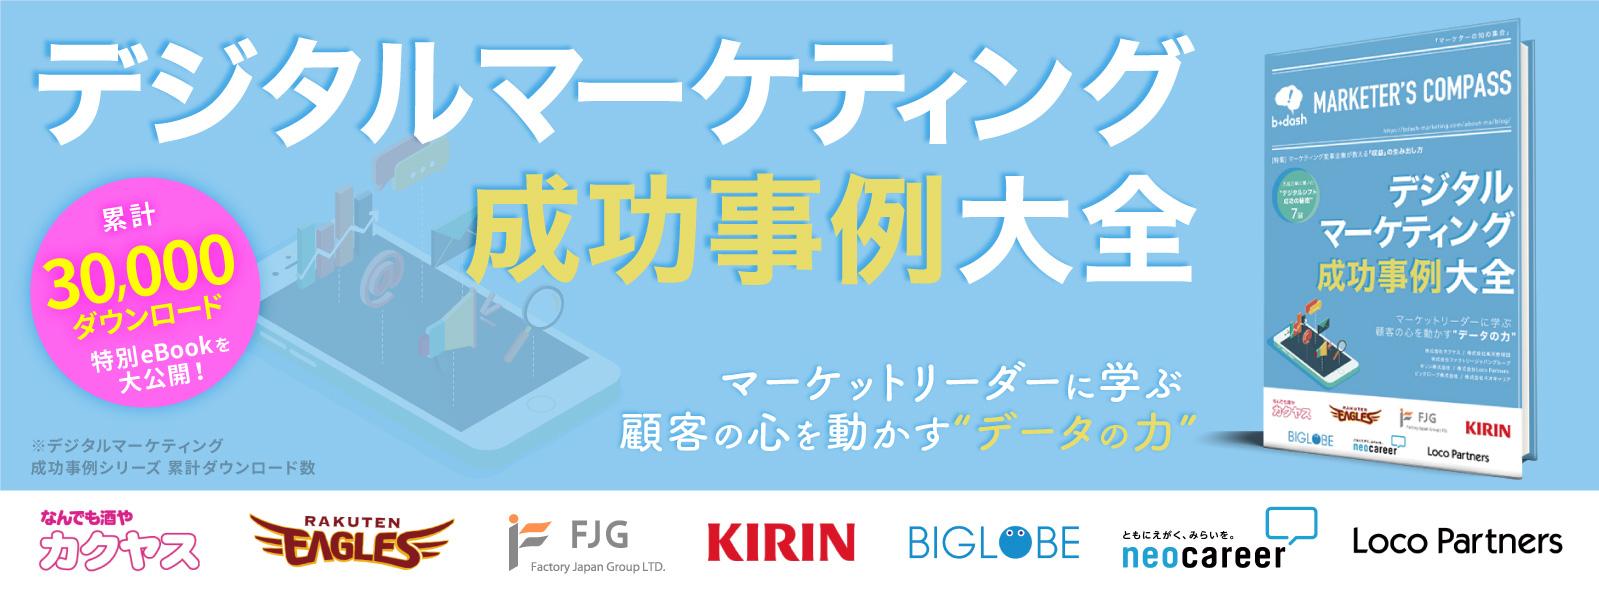 デジタルマーケティング<br /> 成功事例大全 Vol.1